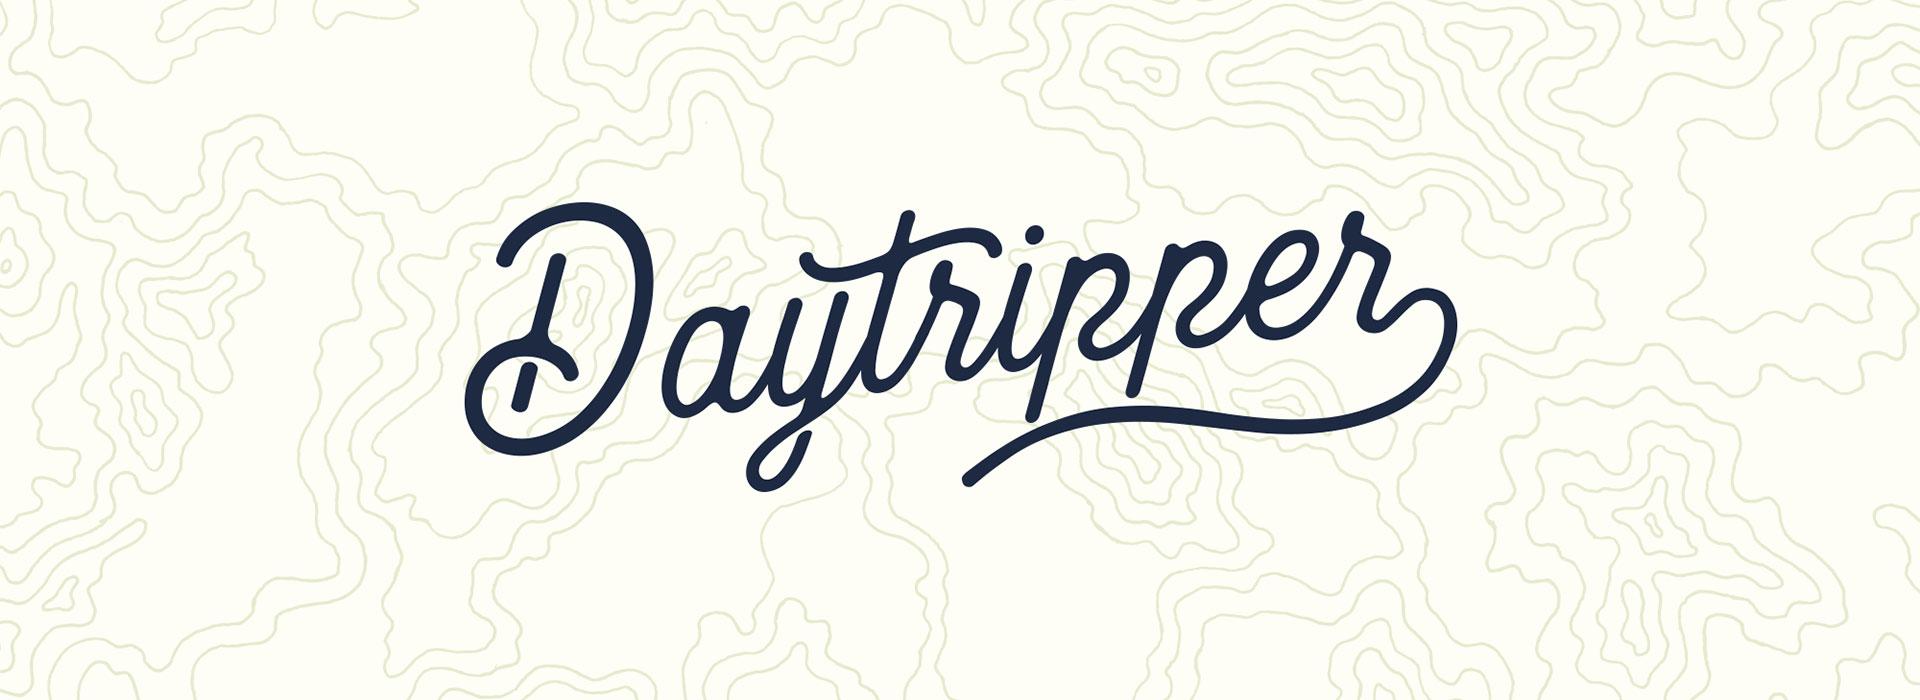 The Daytripper Design